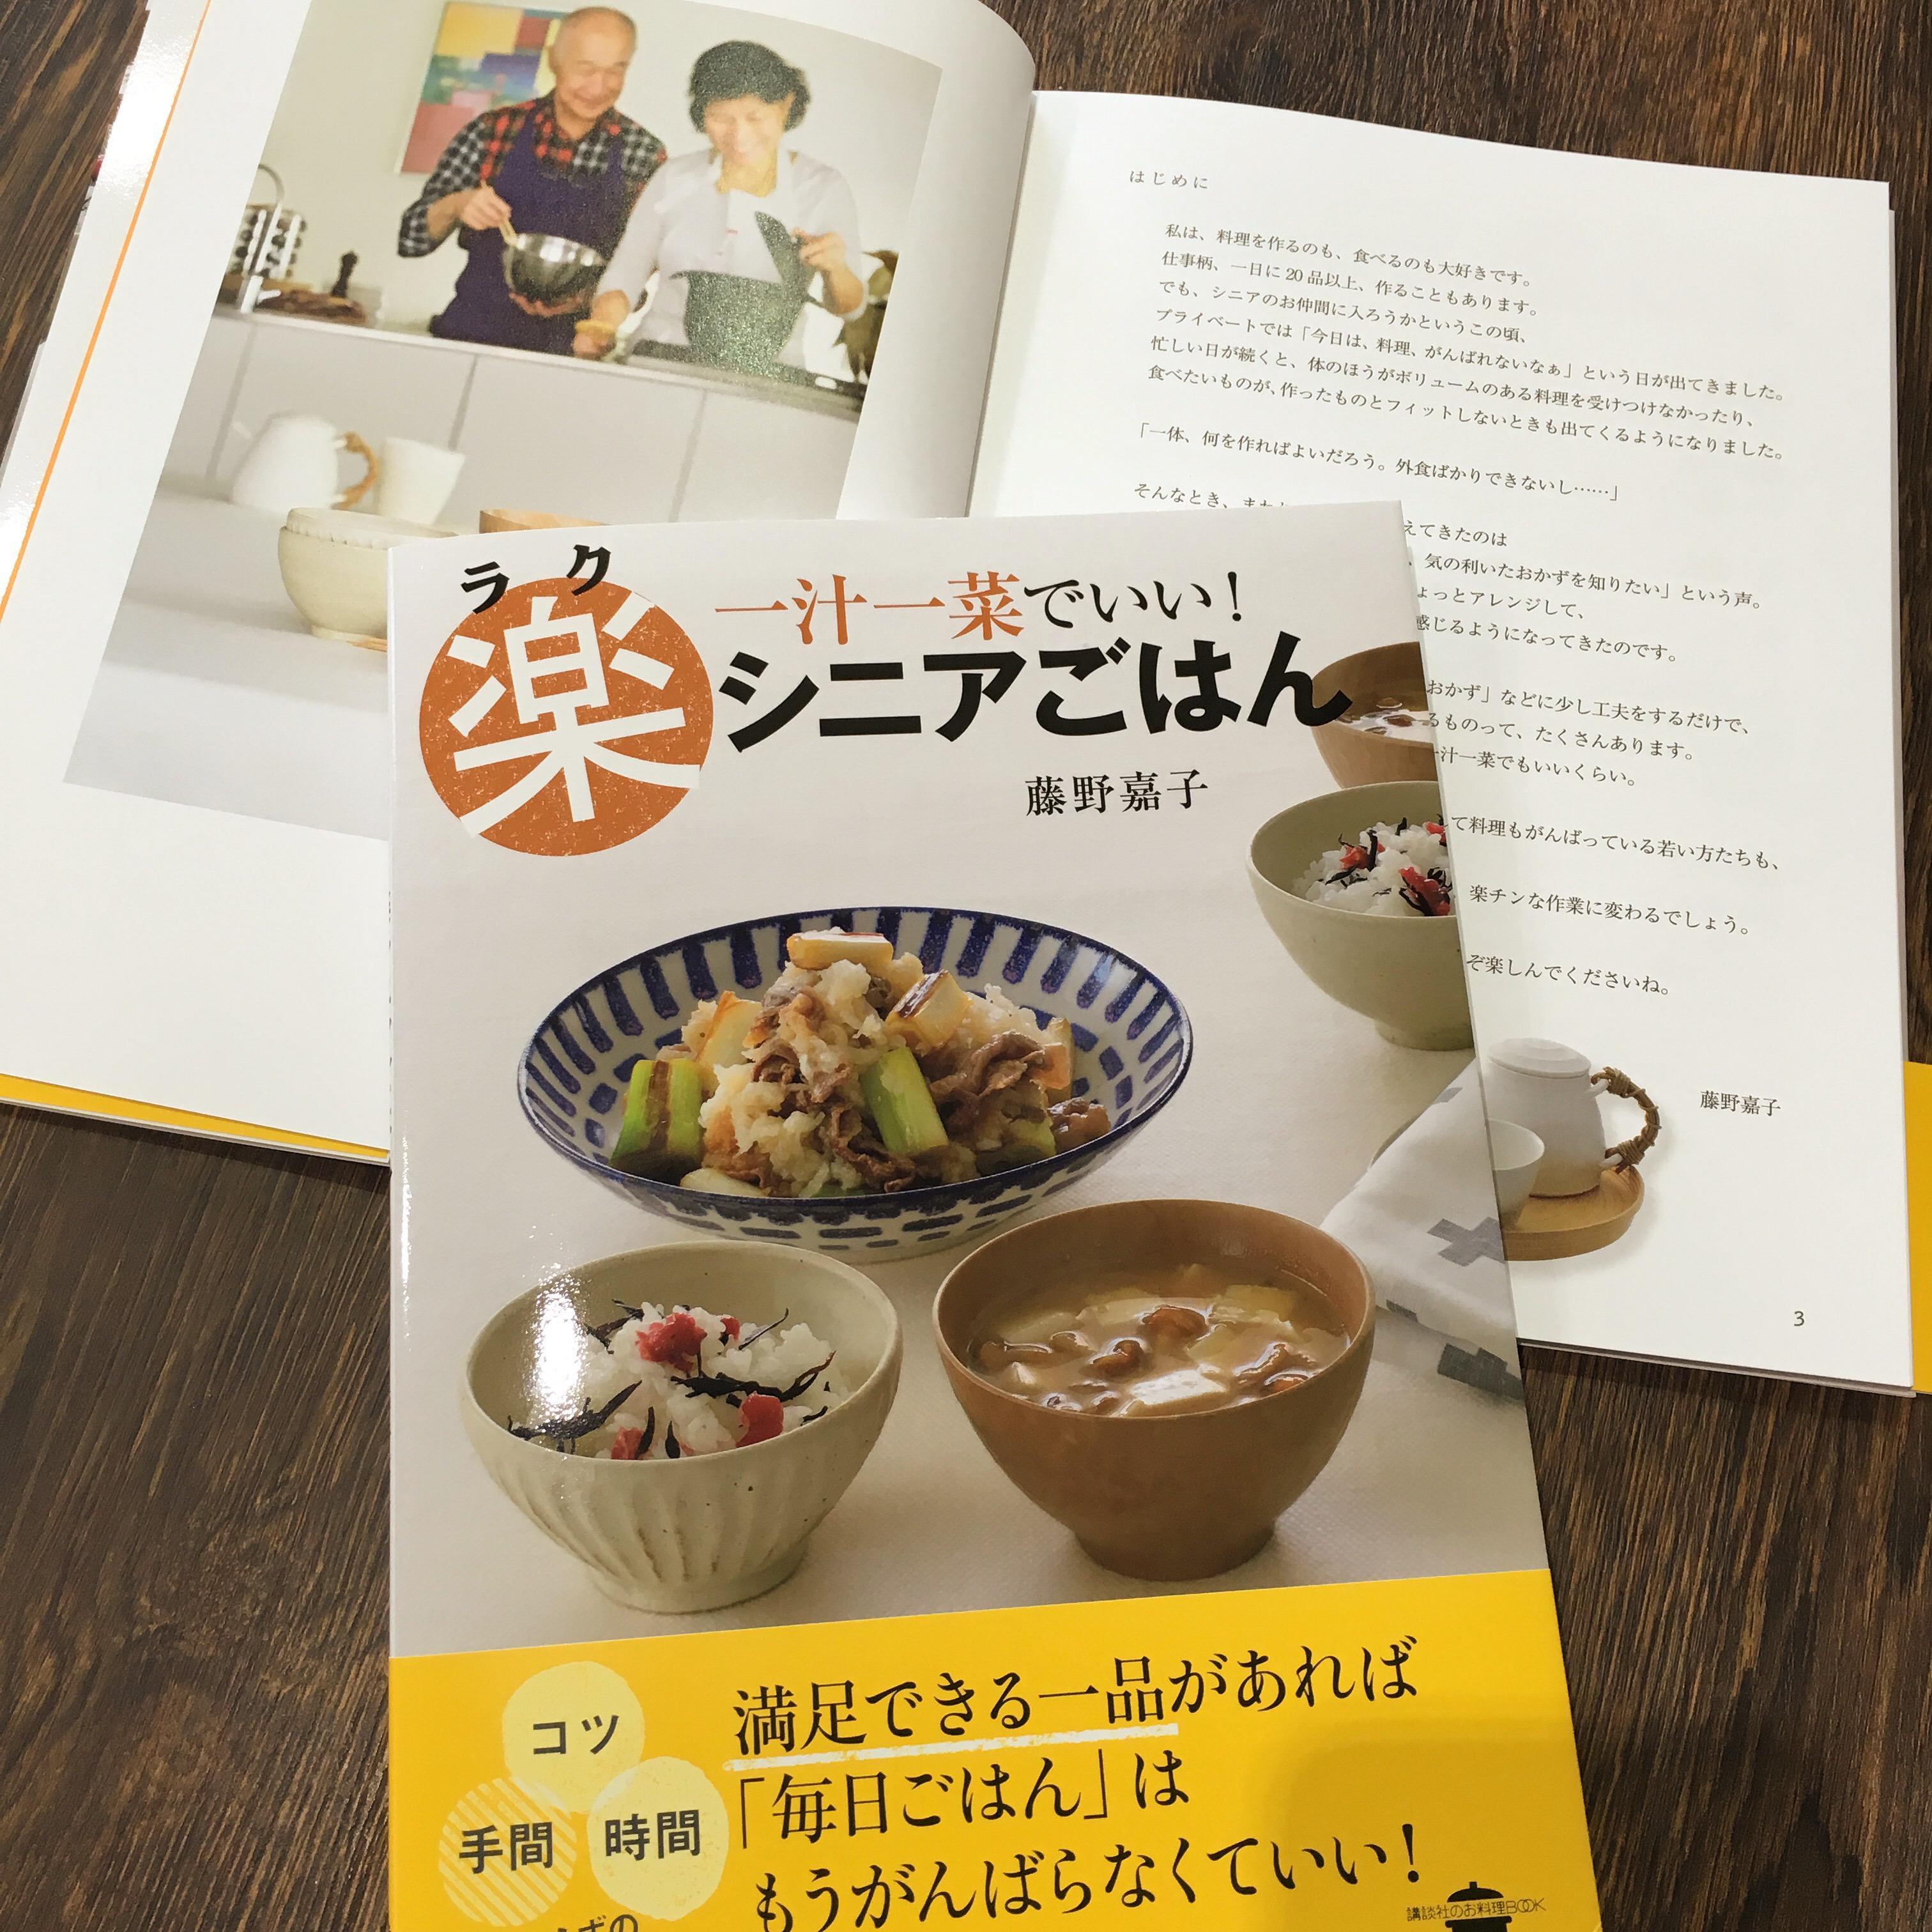 藤野嘉子 新刊 重版出版 イベント と日曜日のお菓子やさんコラボ